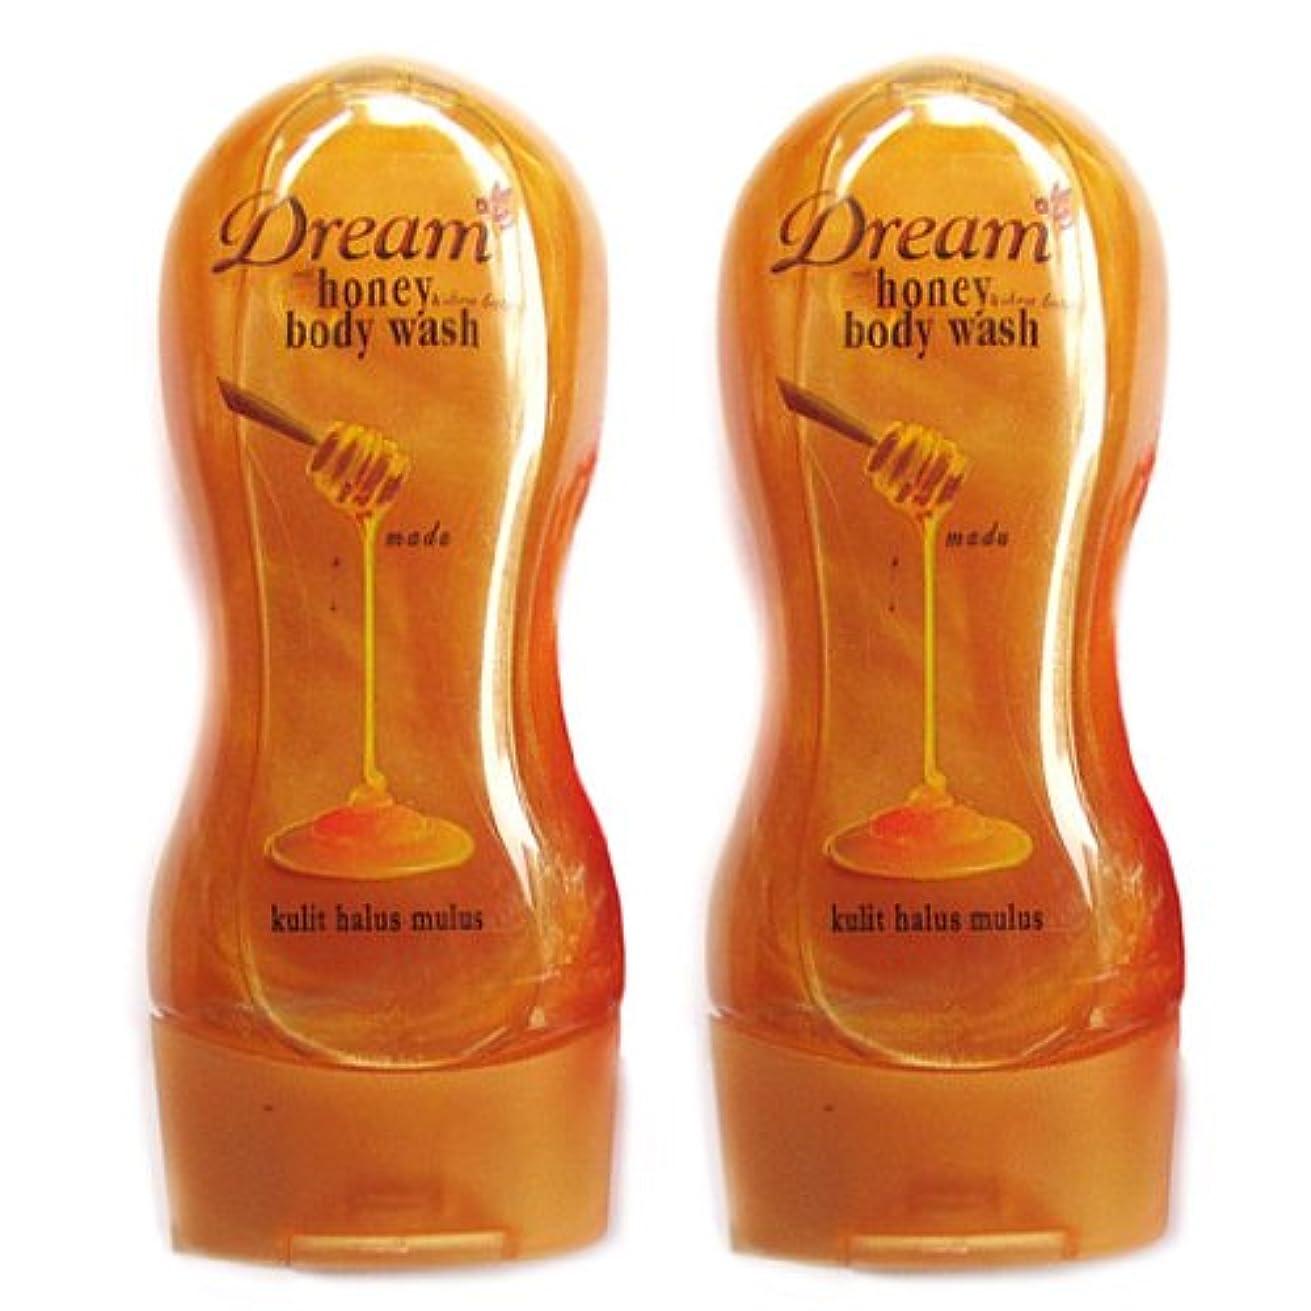 コレクション第二もっと少なくDream(ドリーム) ハニー&シアバター ボディウォッシュ250ml 2本セット [並行輸入品][海外直送品]